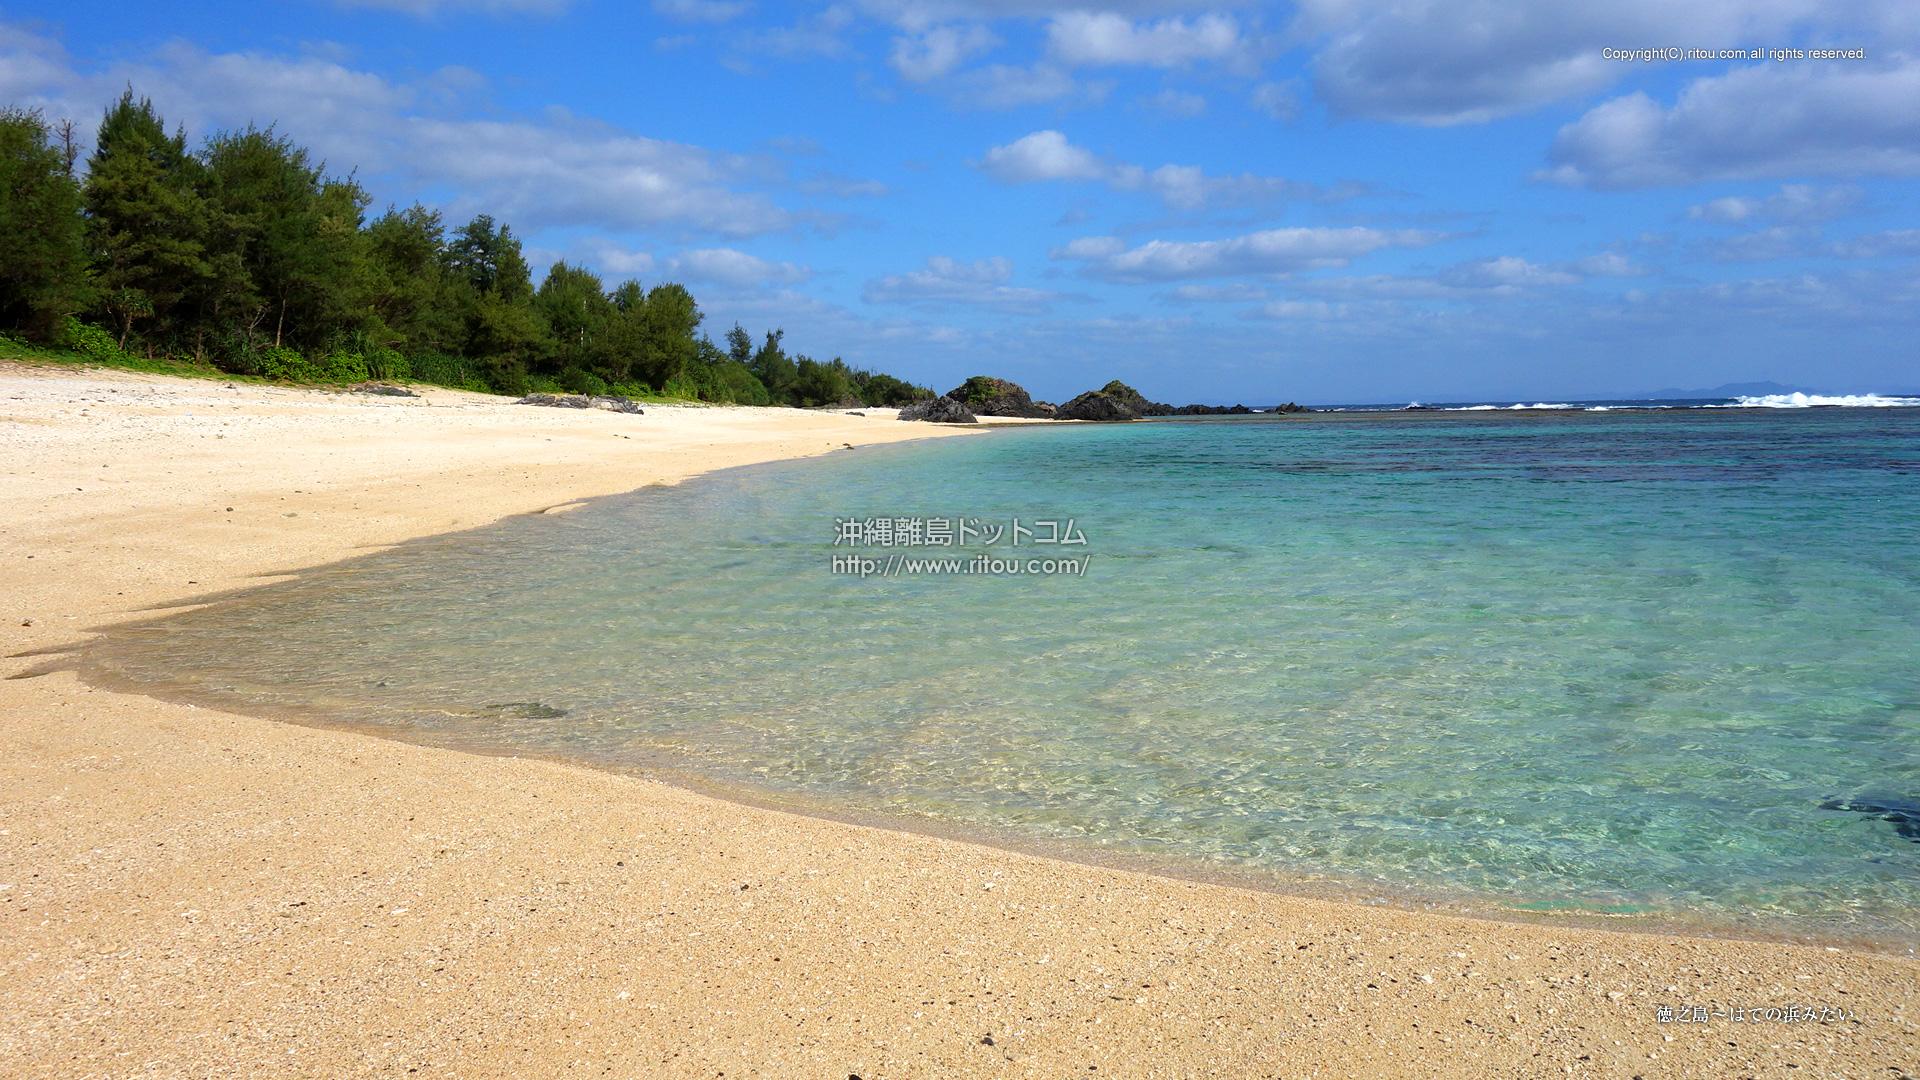 徳之島〜はての浜みたい